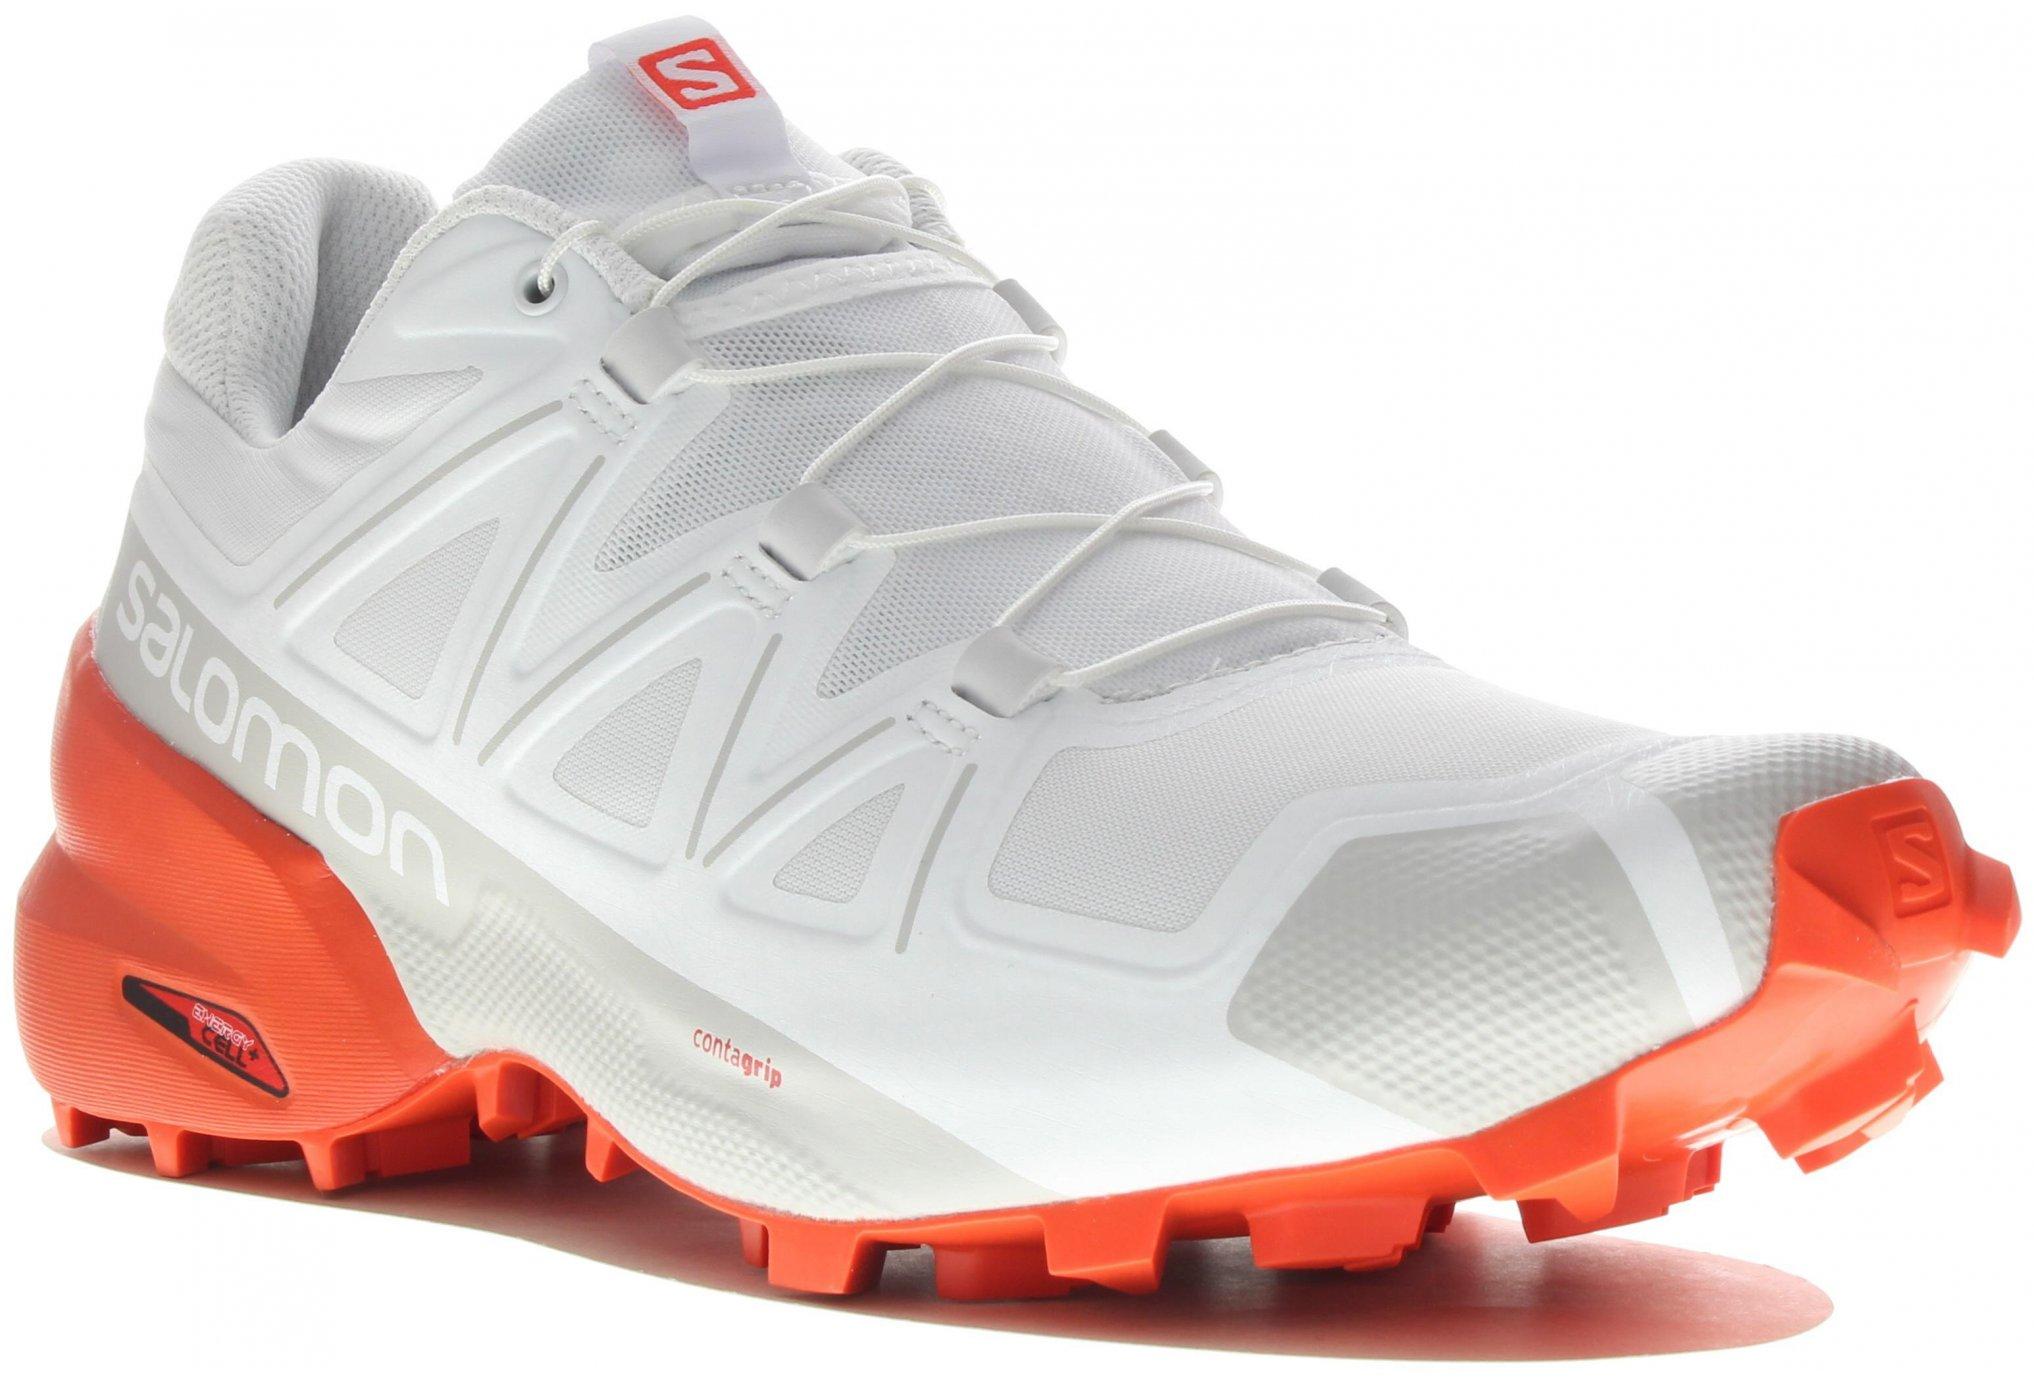 Salomon Speedcross 5 Chaussures homme